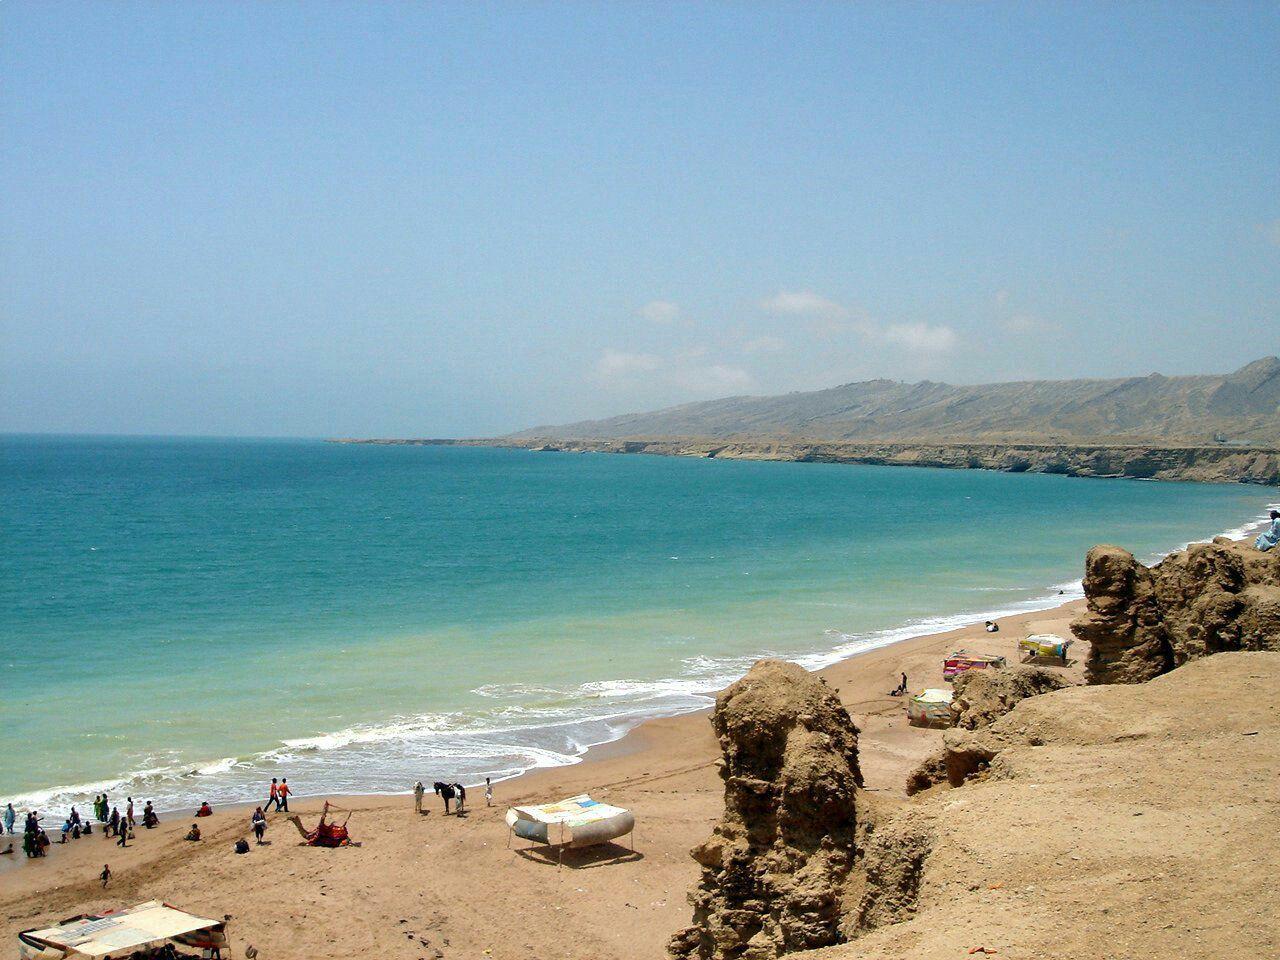 Clifton beach karachi photos